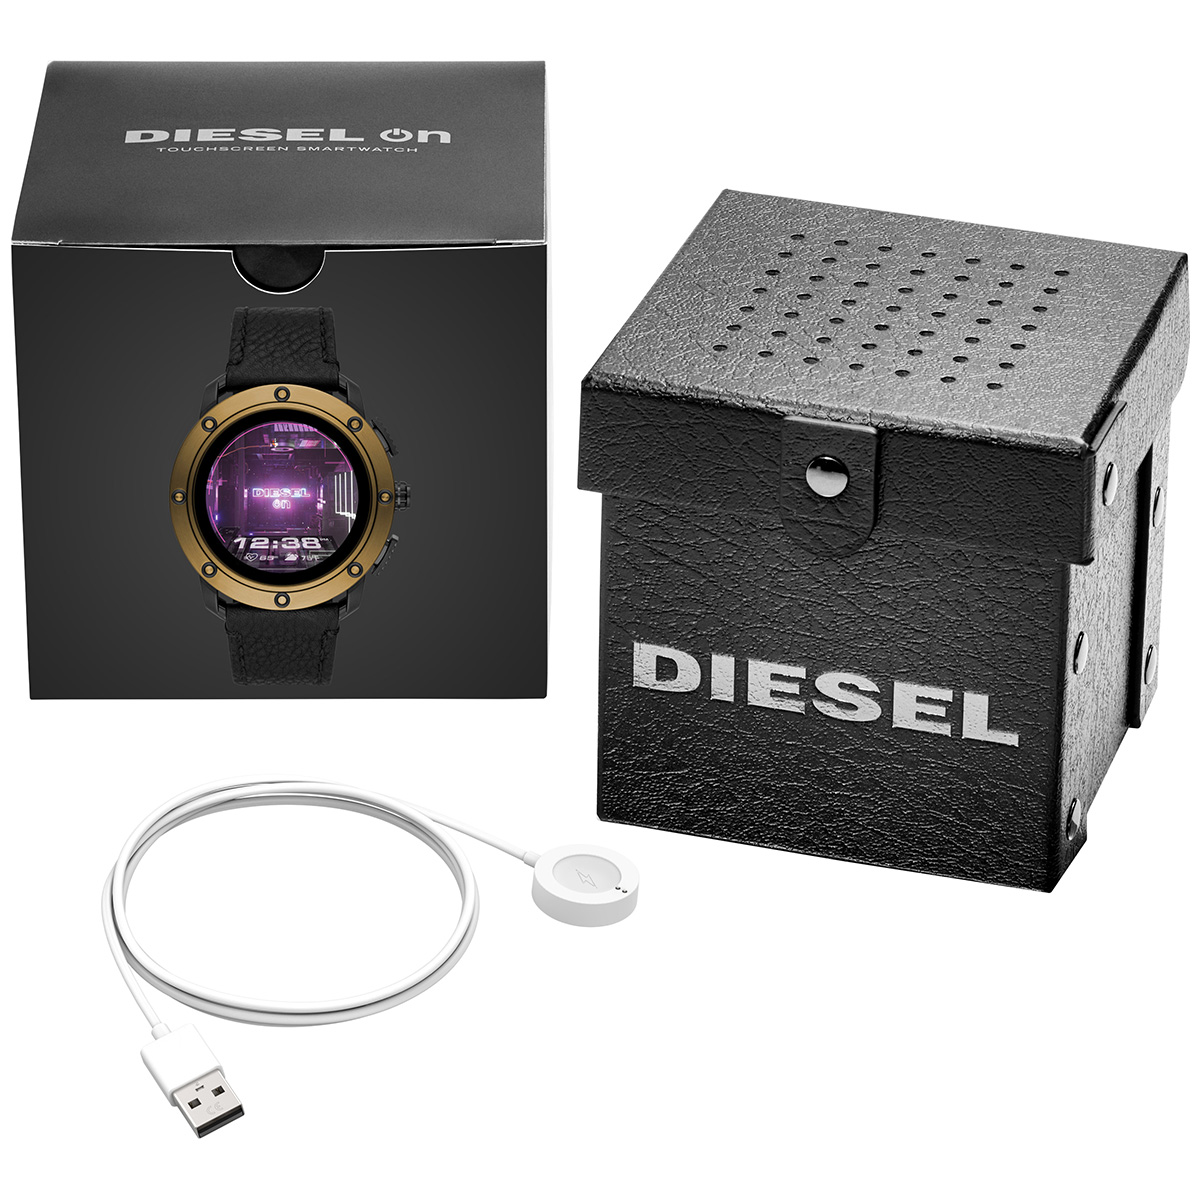 ディーゼル DIESEL ON スマートウォッチ ウェアラブル 腕時計 メンズ アキシャル AXIAL DZT2016